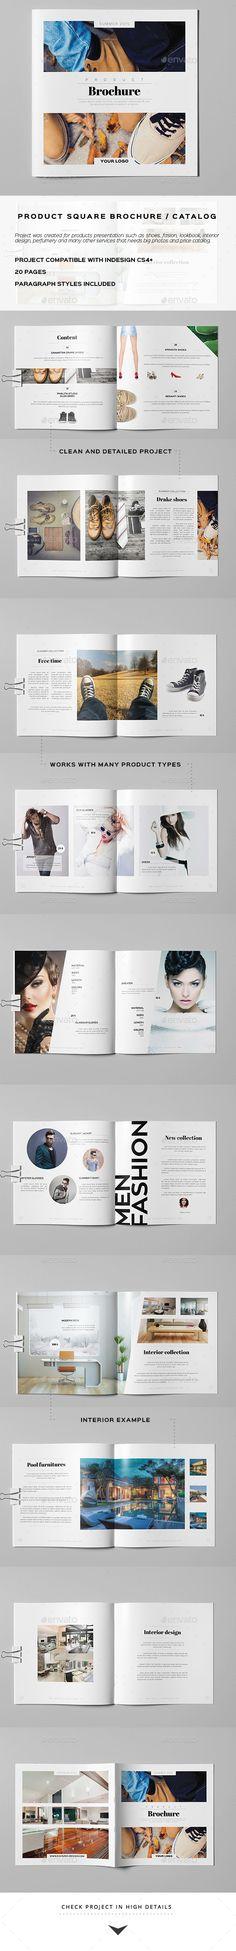 Prodotto Piazza Brochure / Catalogo - Cataloghi Brochure